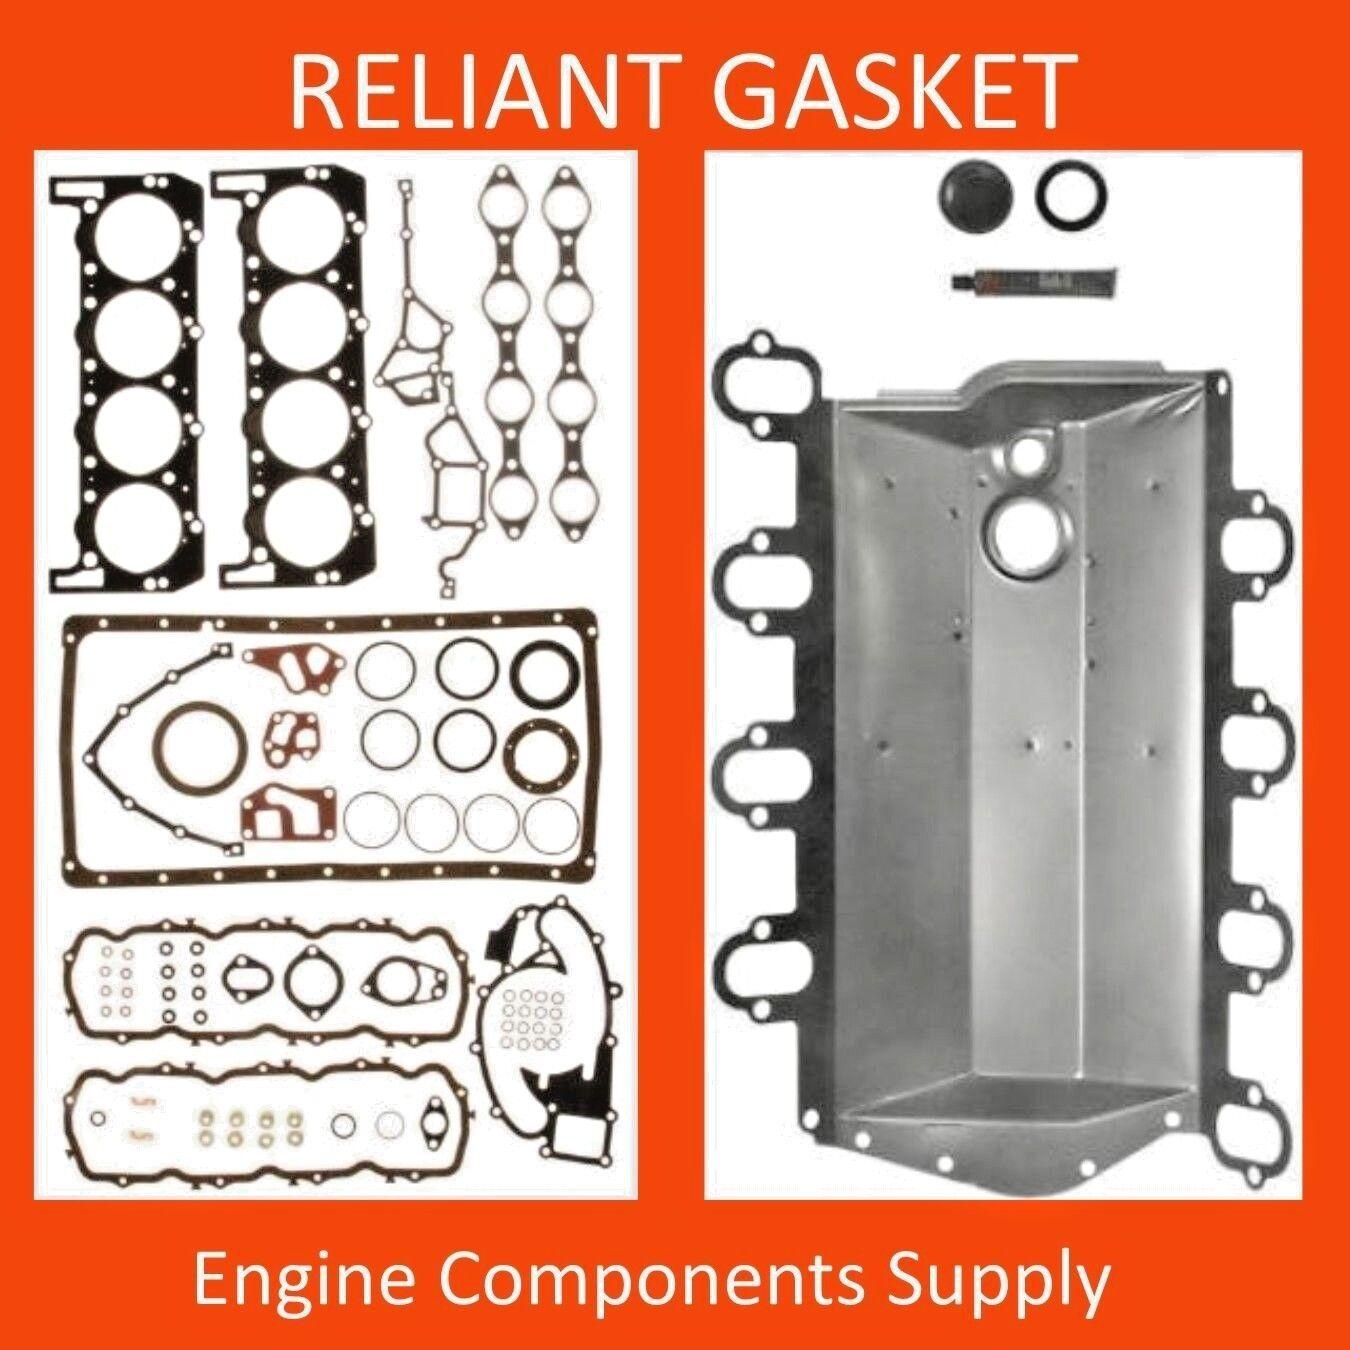 Graphite Head Gasket Set Fits 96-97 Nissan Pickup 2.4L L4 SOHC 12v